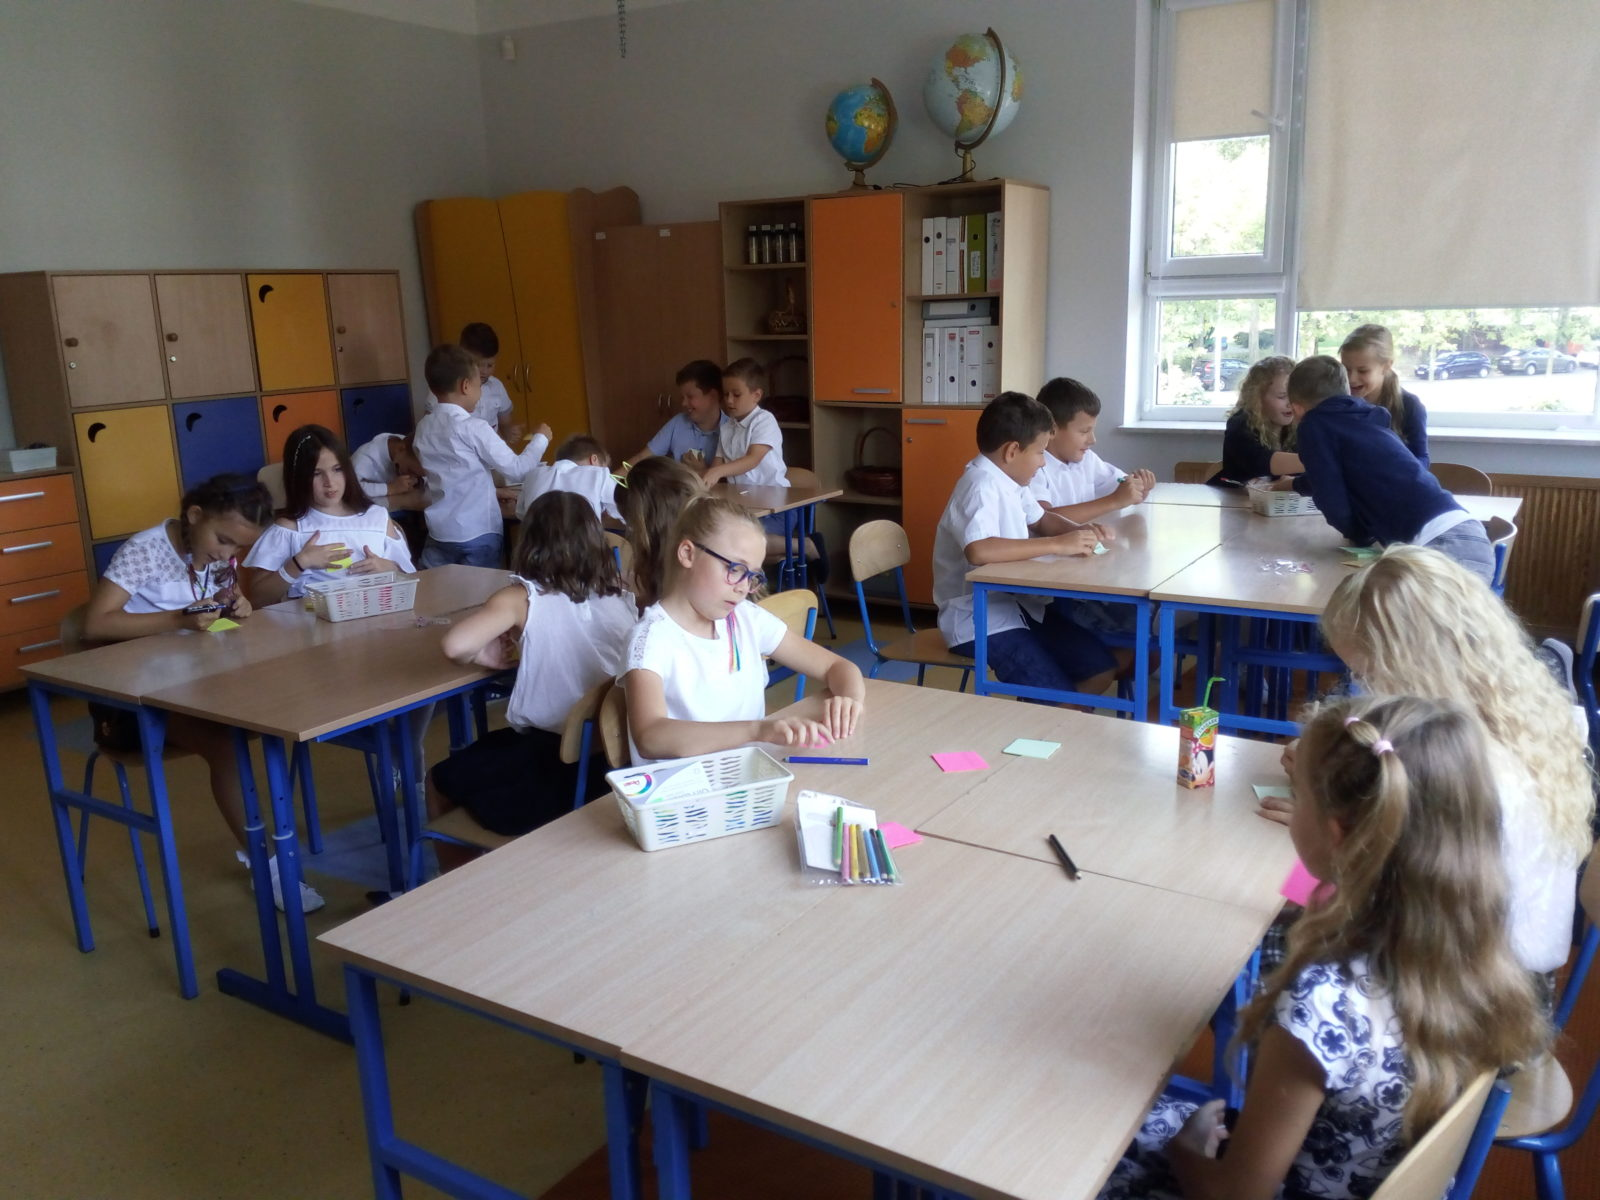 klasa 4c podczas zajęć integracyjnych